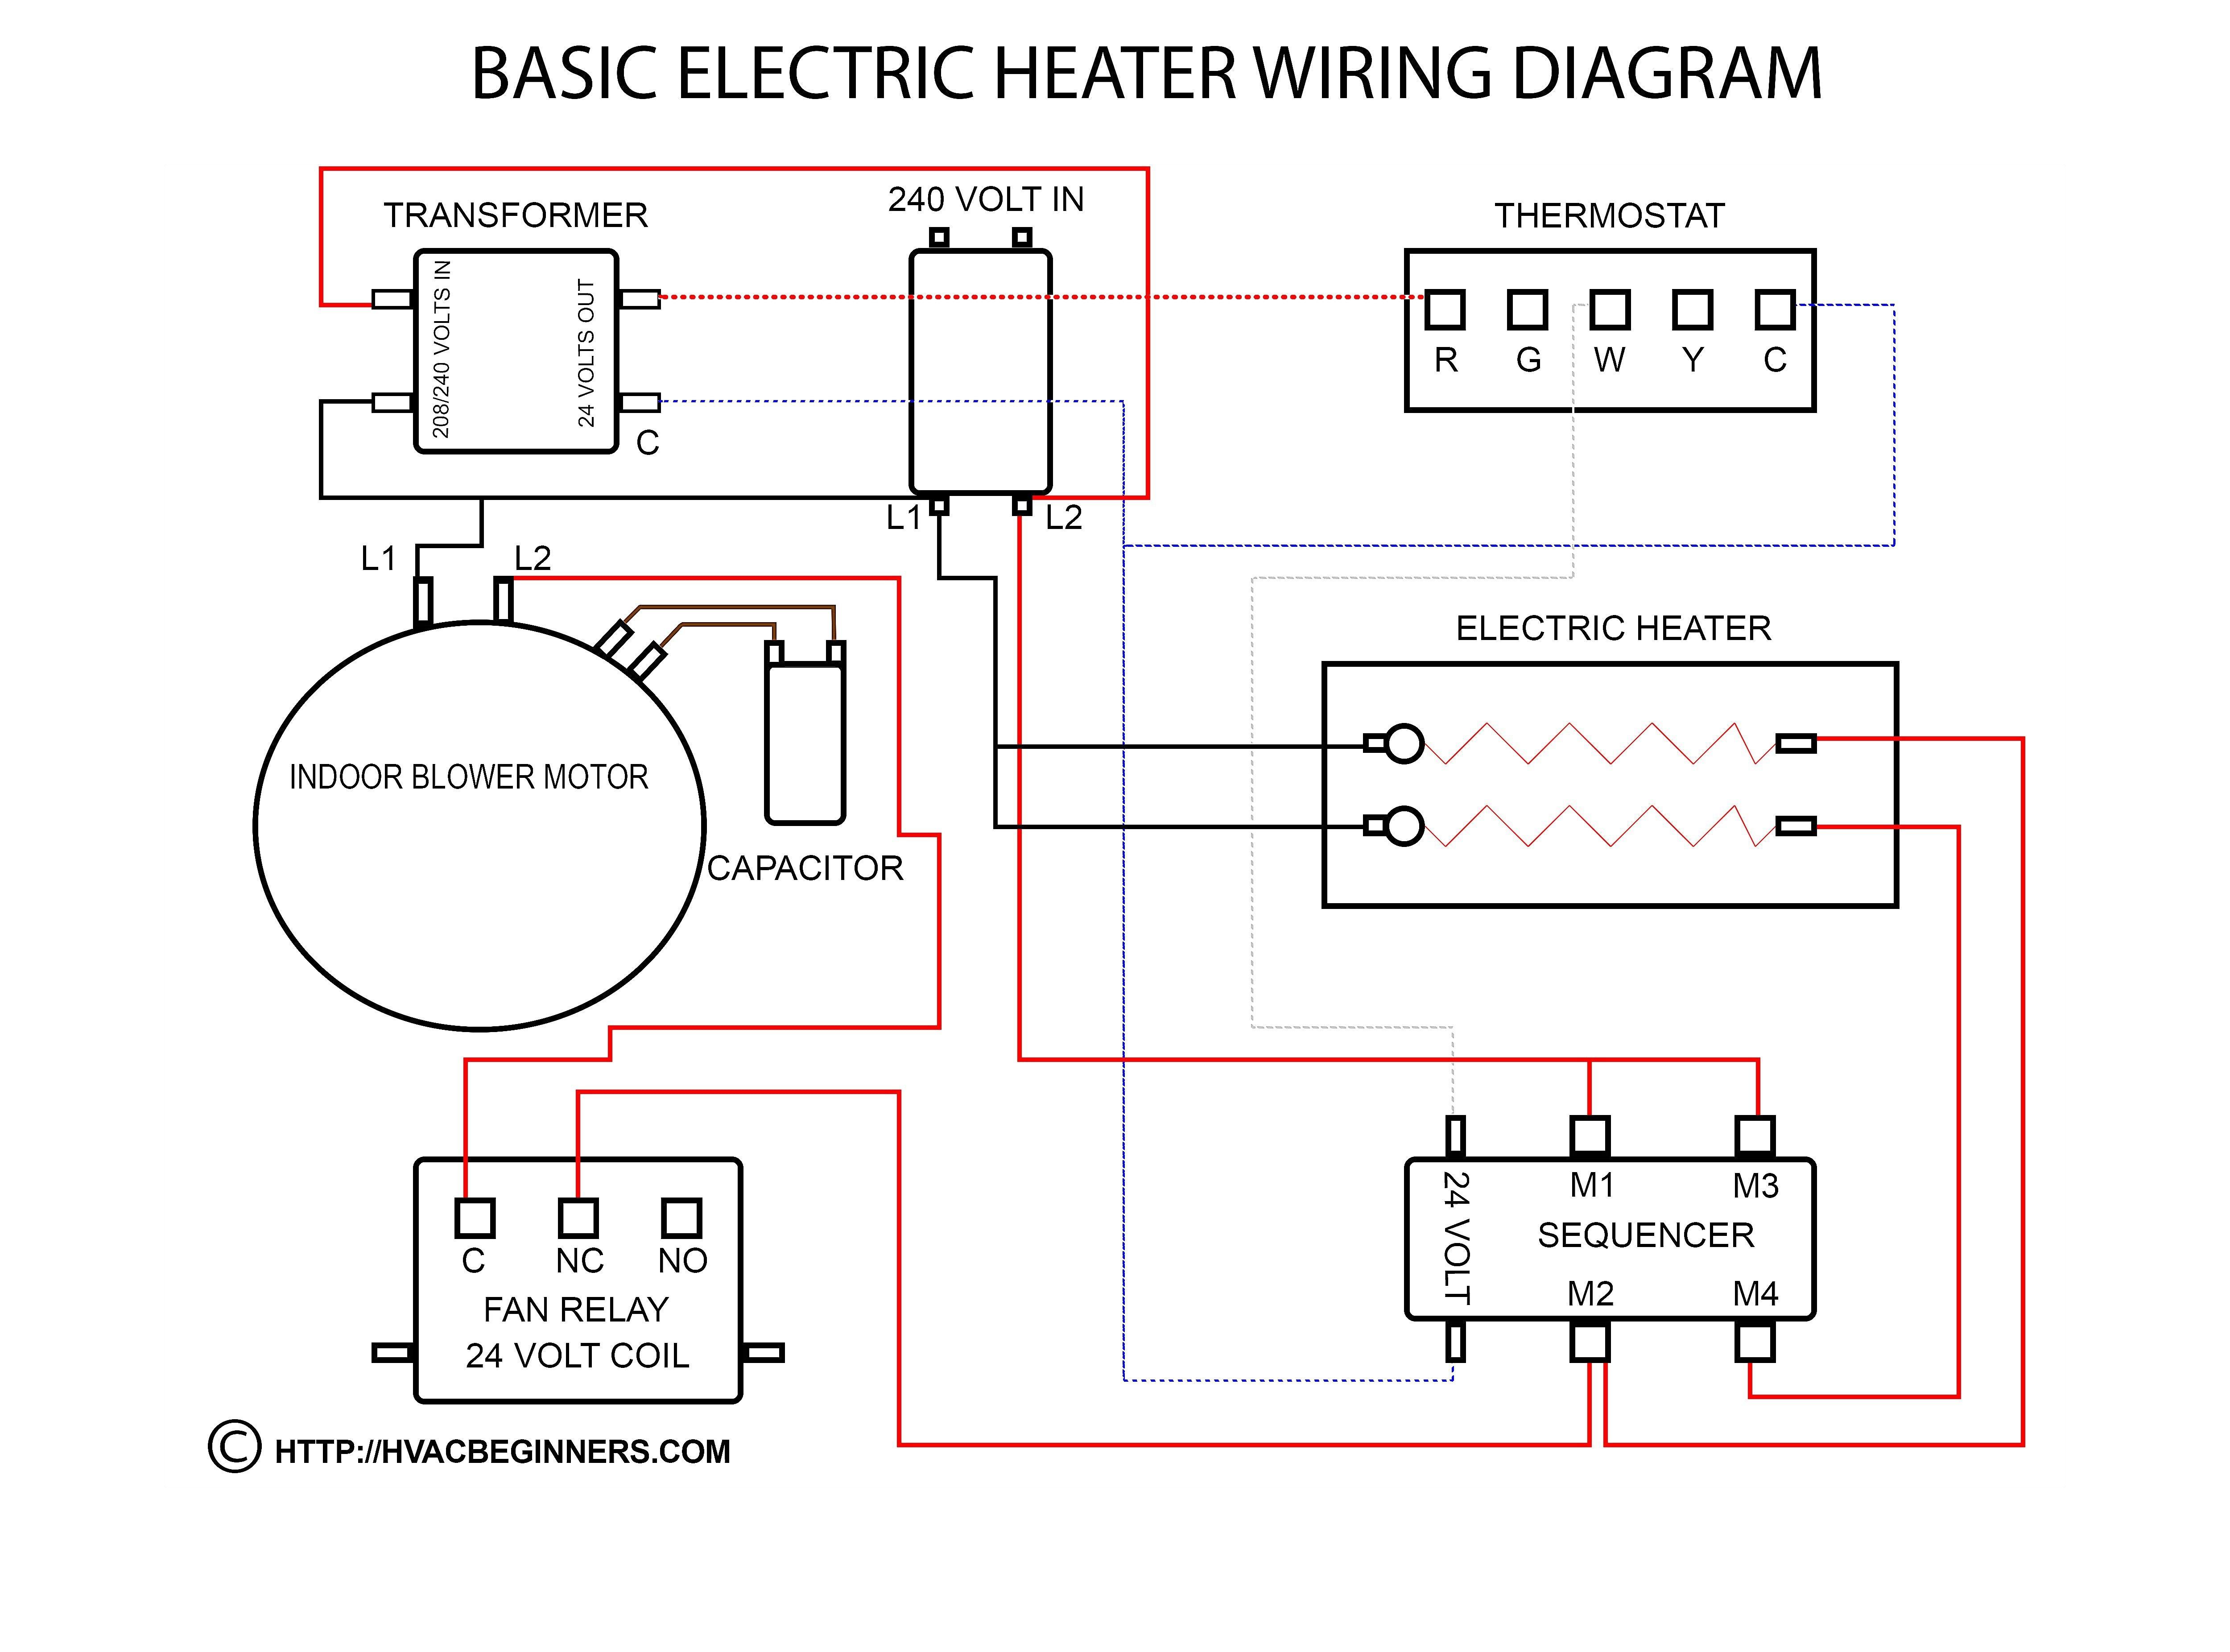 jb10 meter wiring diagram all kind of wiring diagrams u2022 rh viewdress